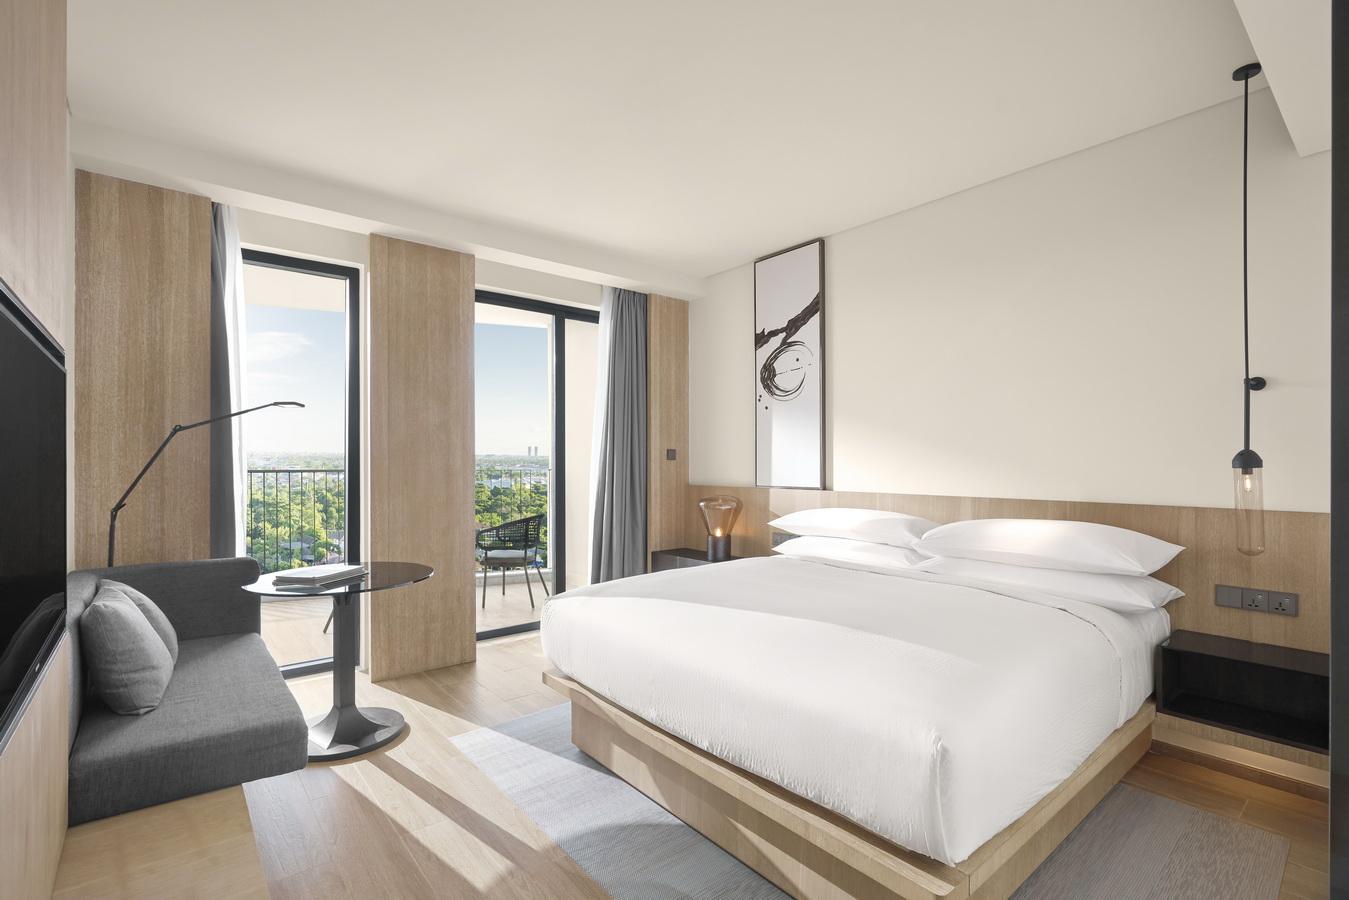 Khai trương Fairfield by Marriott South Binh Duong – Khách sạn đầu tiên của thương hiệu tại Việt Nam